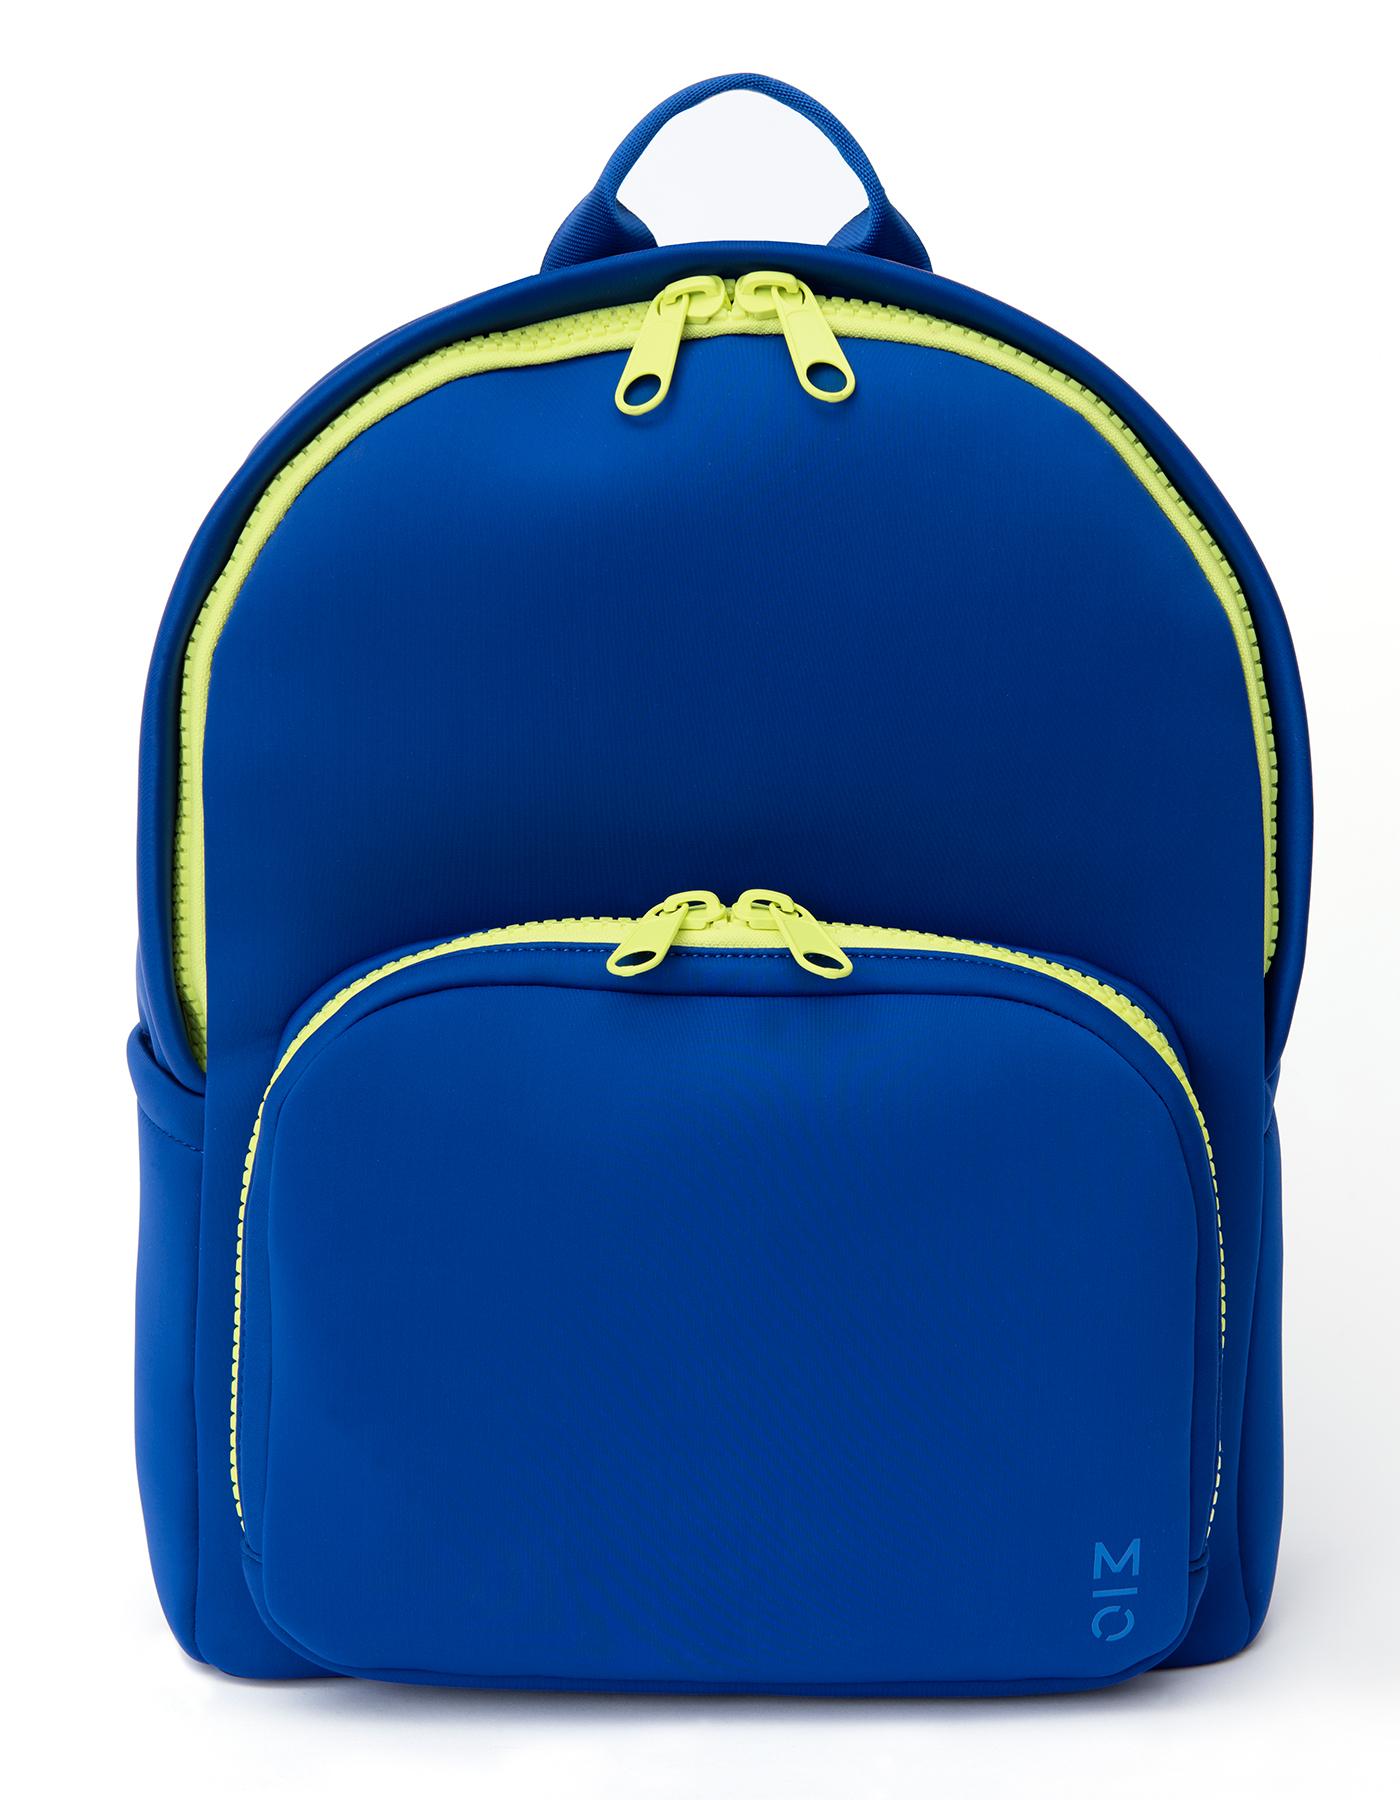 Motile Neoprene Sport Laptop Backpack